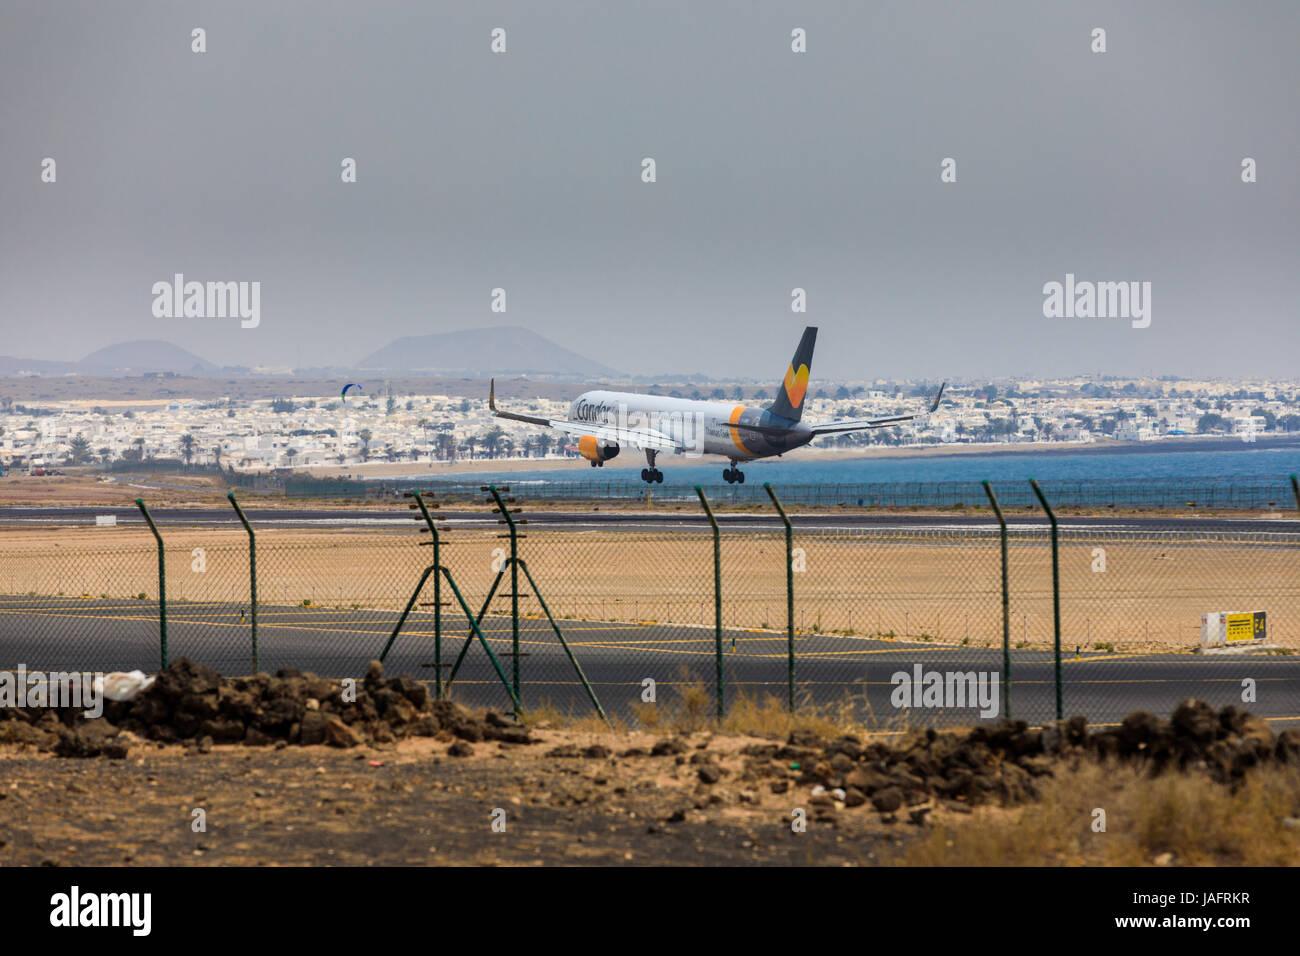 ARECIFE, Spanien - 16. April 2017: Boeing 757-300 der Condor mit der Registrierung G-JMOF Landung am Flughafen Lanzarote Stockbild